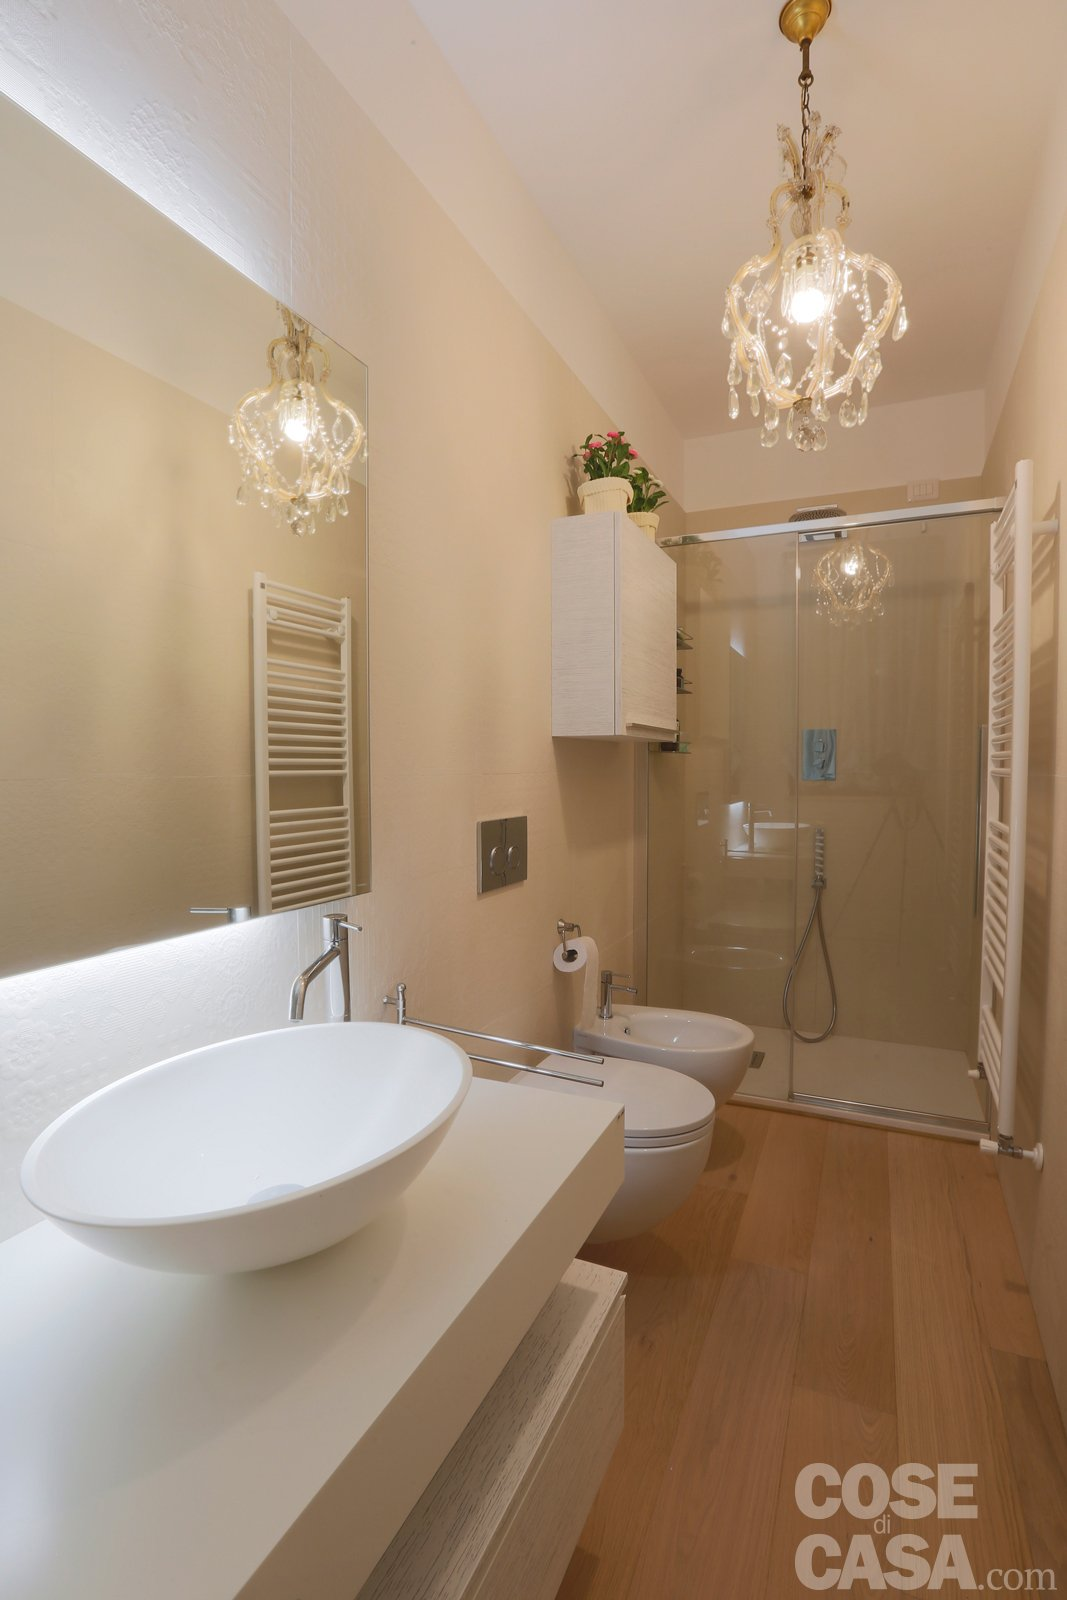 Pi luce nell 39 attico con mansarda cose di casa - Camera con bagno ...